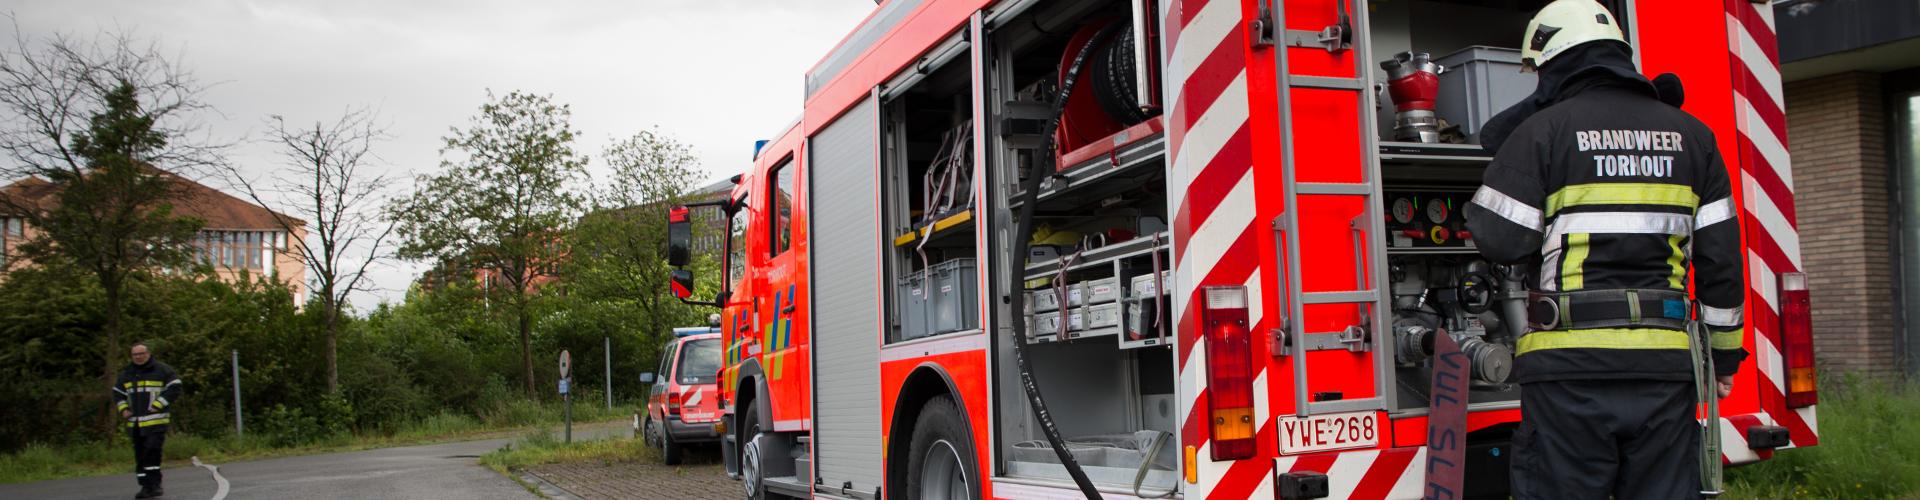 brandweer hulpverleningszone 1